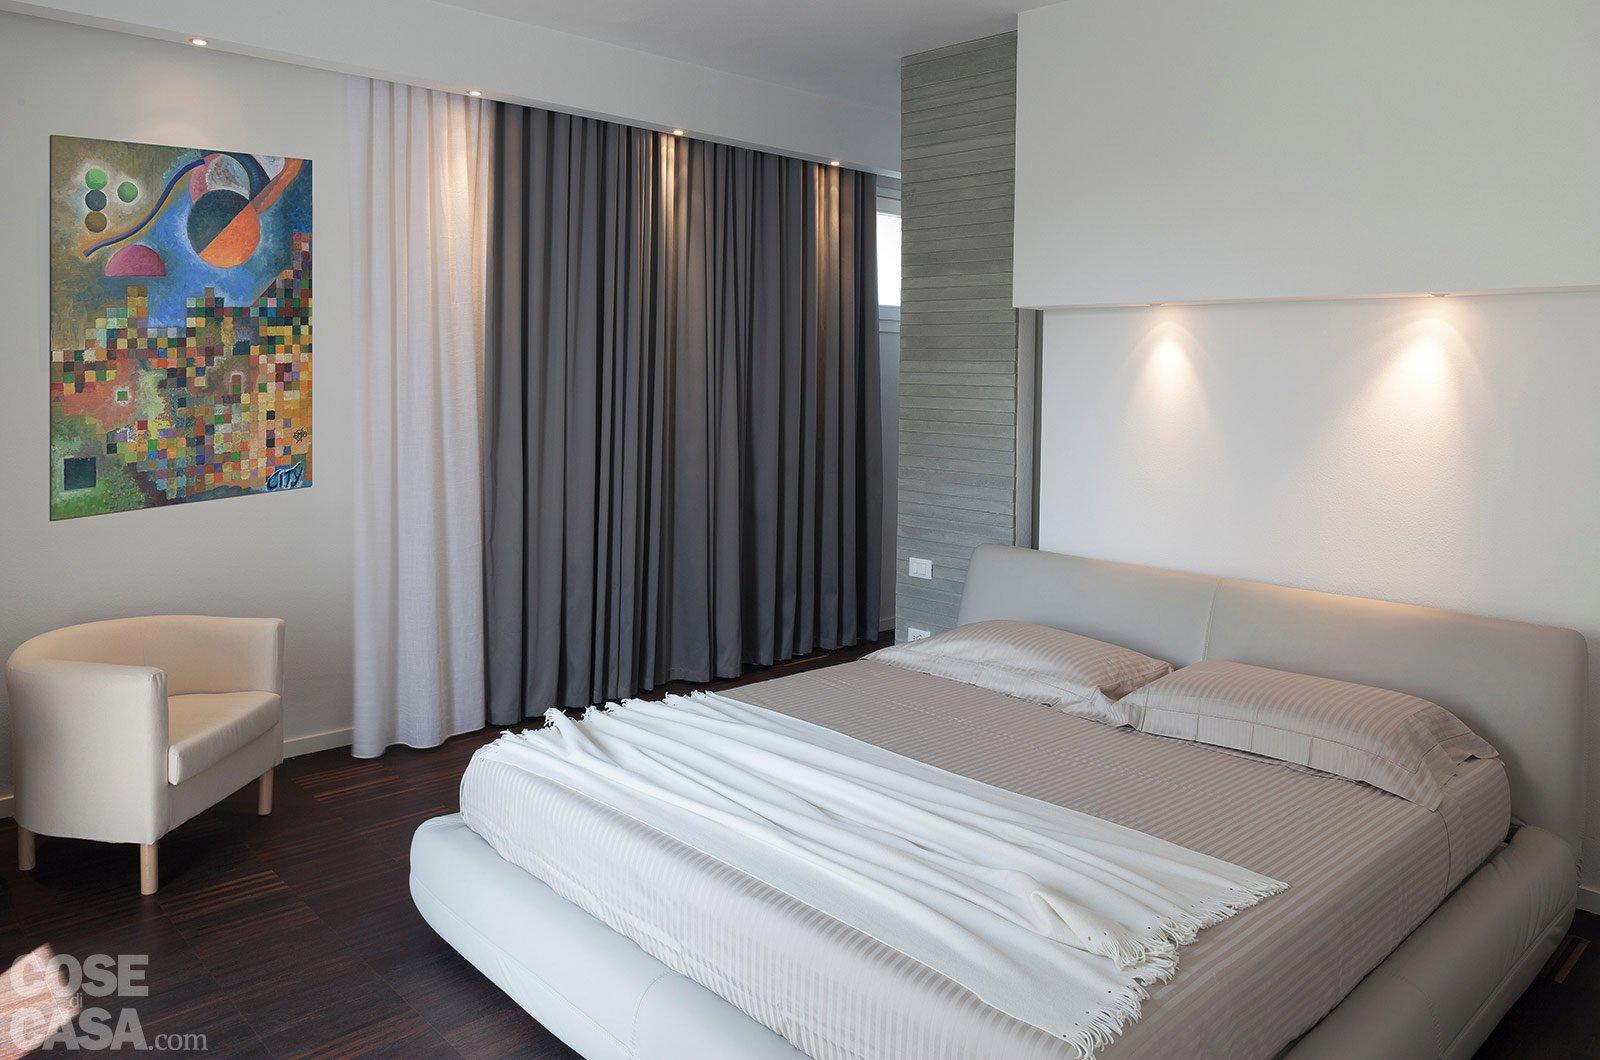 Architetture in piena luce cose di casa - Controsoffitti camera da letto ...